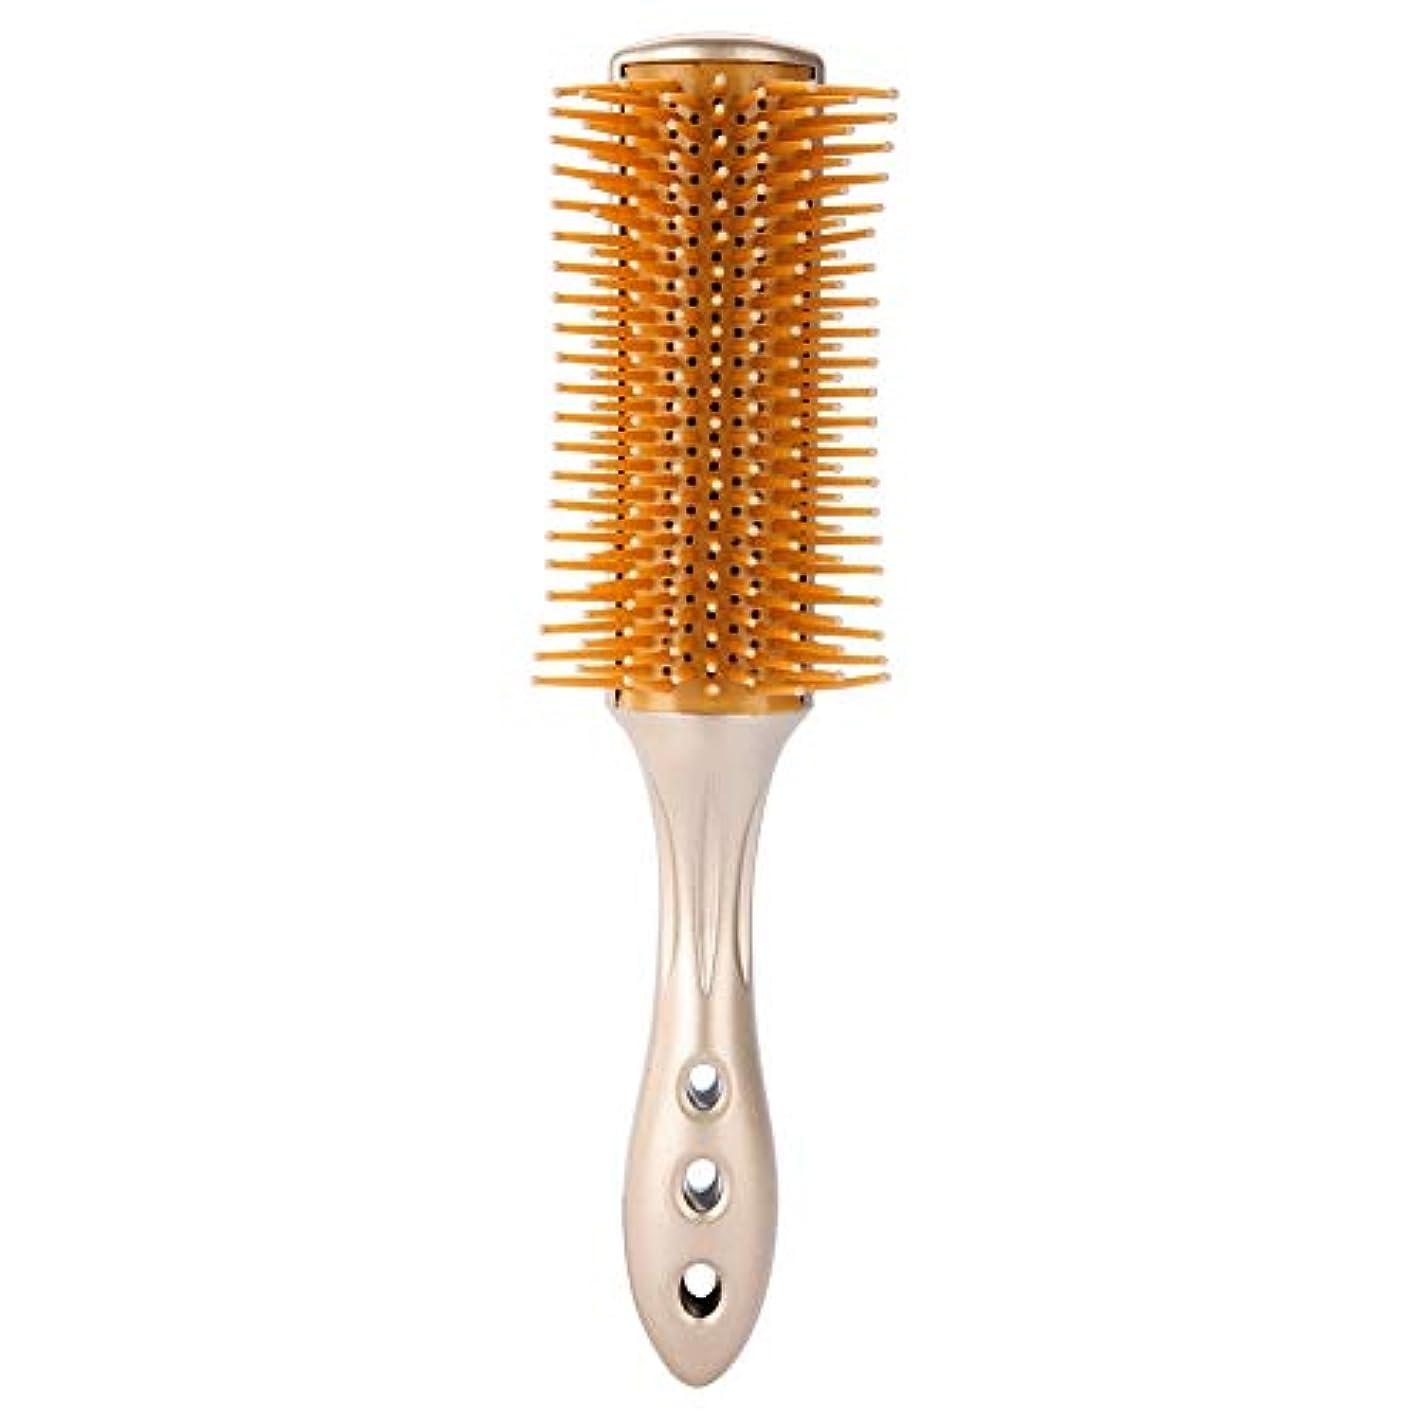 許す聖書豊富男性オイルヘッド櫛、ラウンドヘアブラシヘアマッサージ 帯電防止ヘアマッサージ 理髪スタイリングツール すべての髪のタイプのプロの美容スタイリングツール